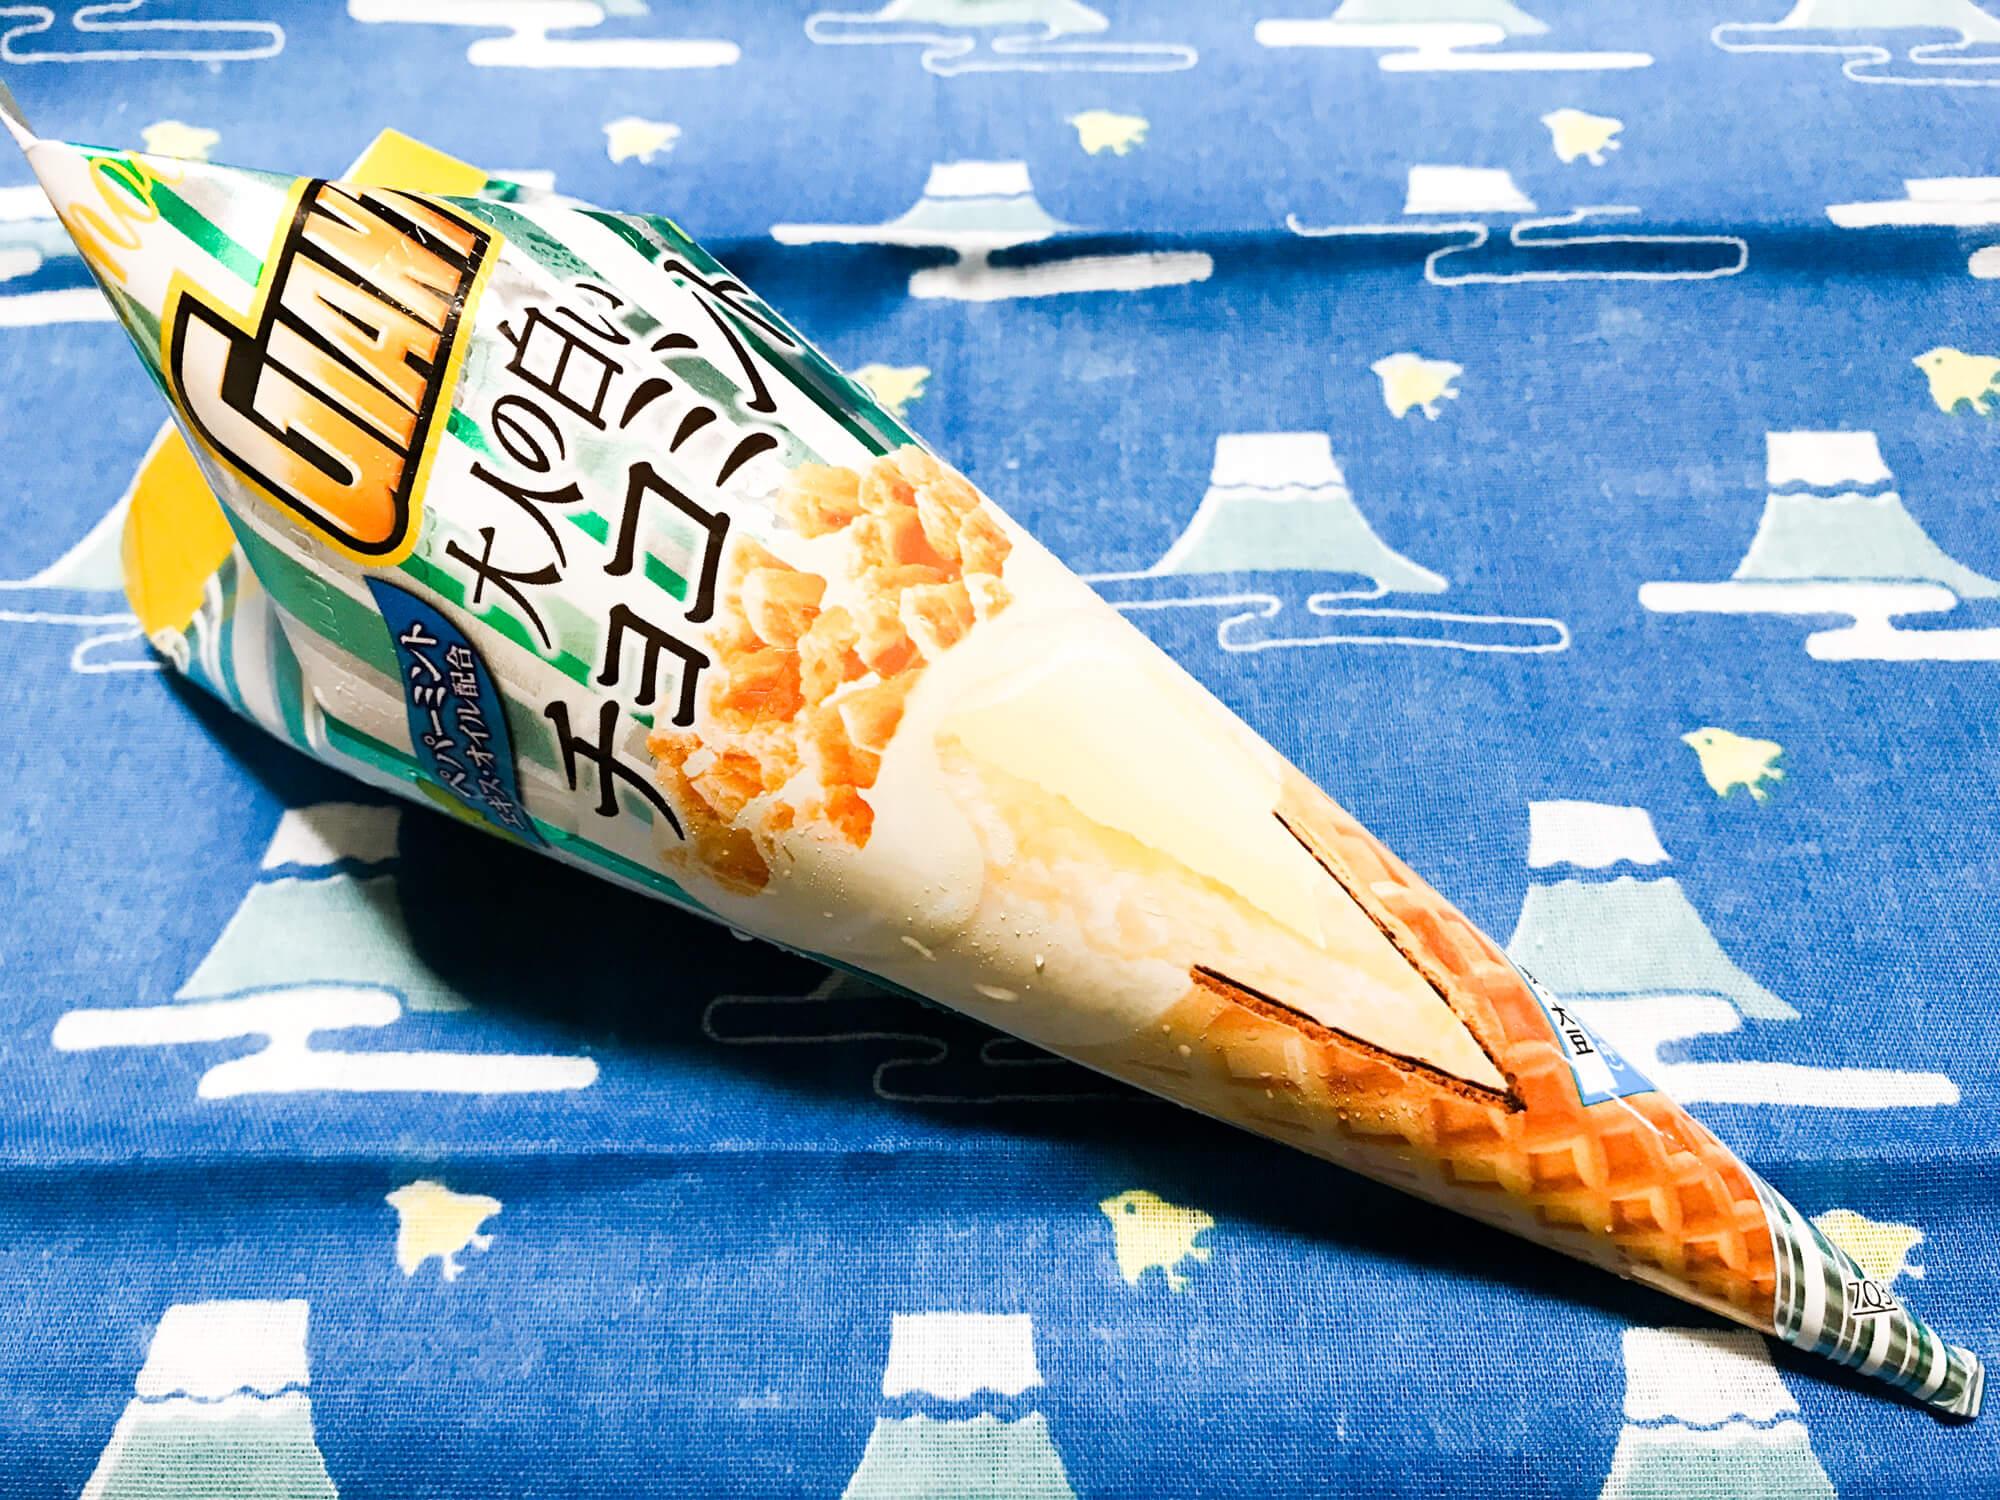 セブン限定!ジャイアントコーン「大人の白いチョコミント」が衝撃のおいしさ! #チョコミン党